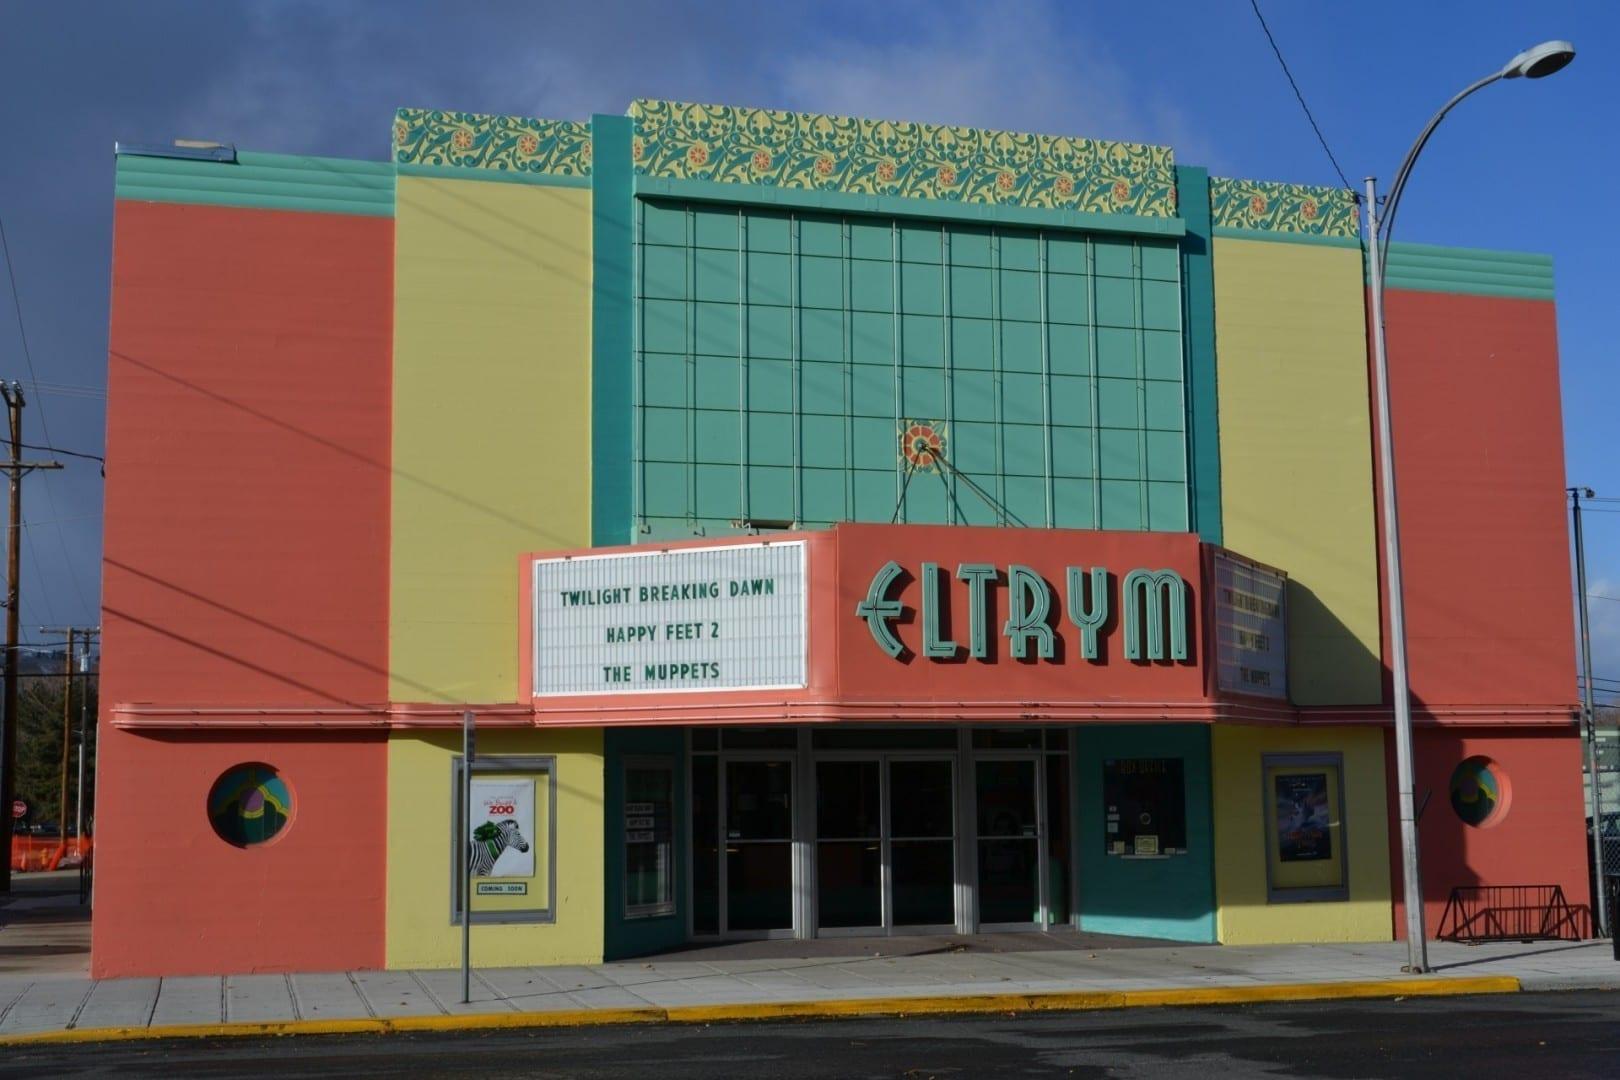 El Teatro Eltrym, uno de los muchos edificios históricos de Baker City Baker City Estados Unidos